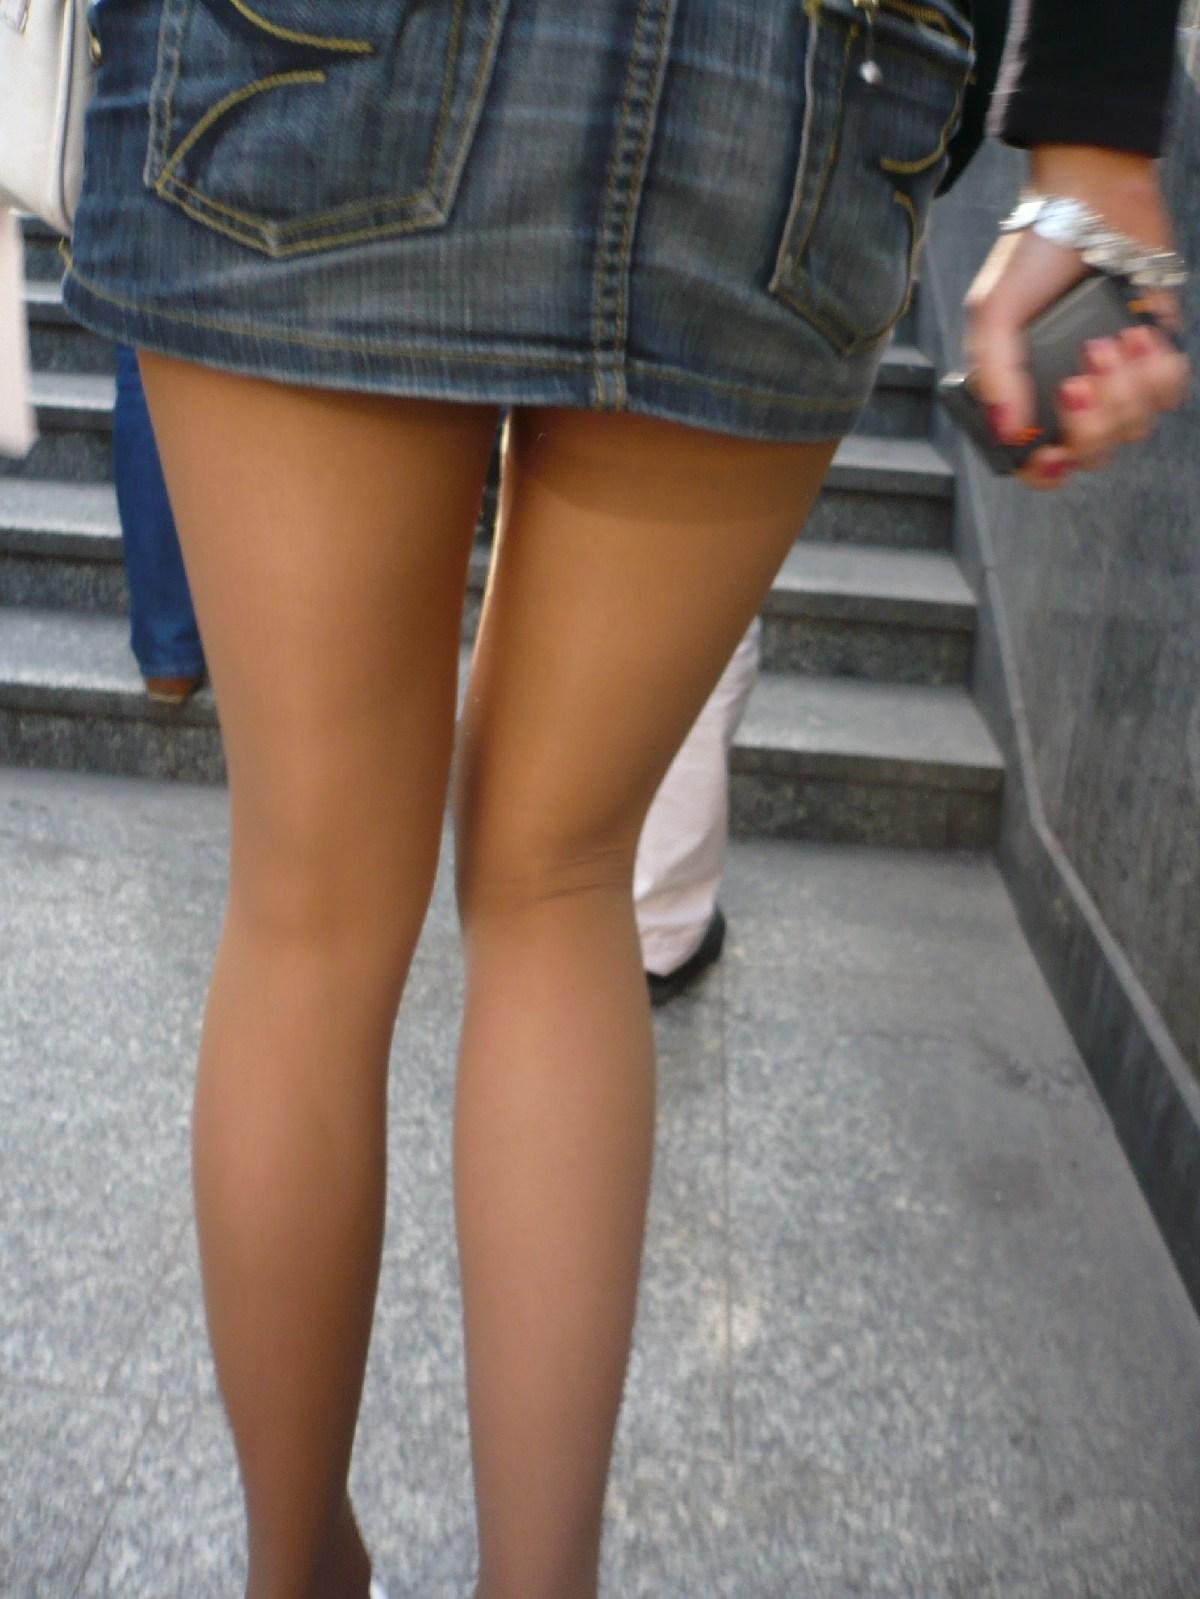 【ミニスカエロ画像】美脚とパンチラの予感に惹かれるデニミニ下半身www 13